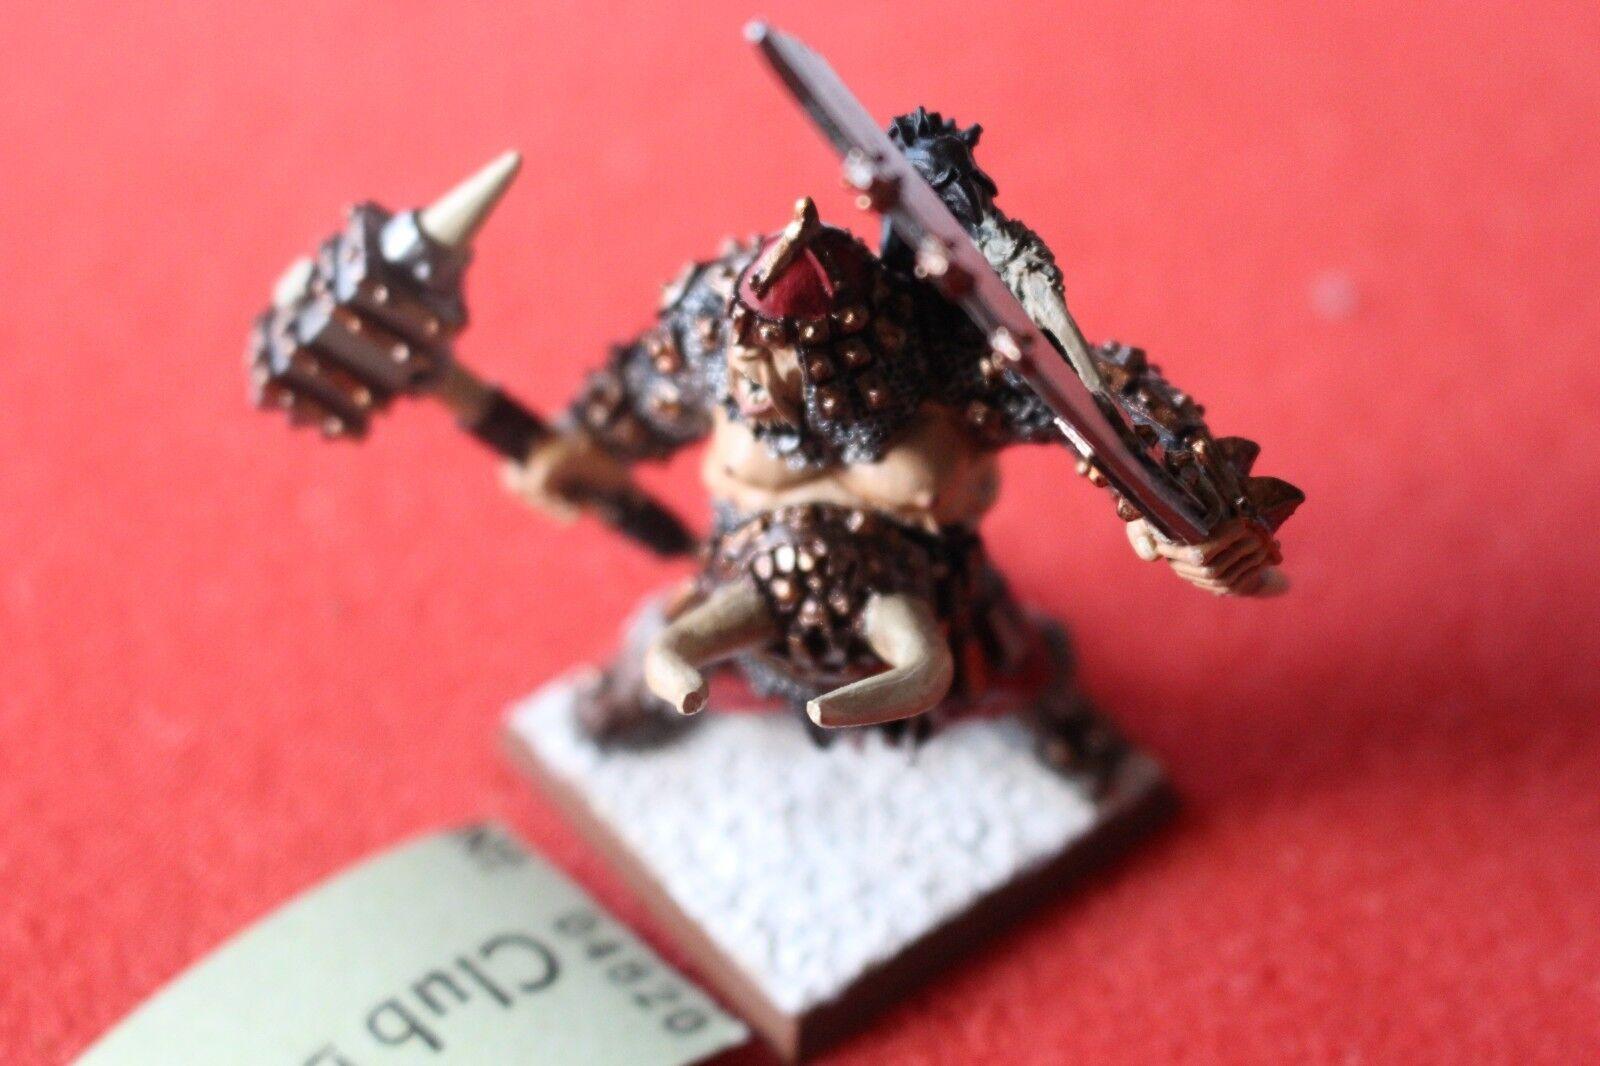 Workshop Warhammer Ogors Ogre Kingdoms Tyrant Finecast Sigmar GW